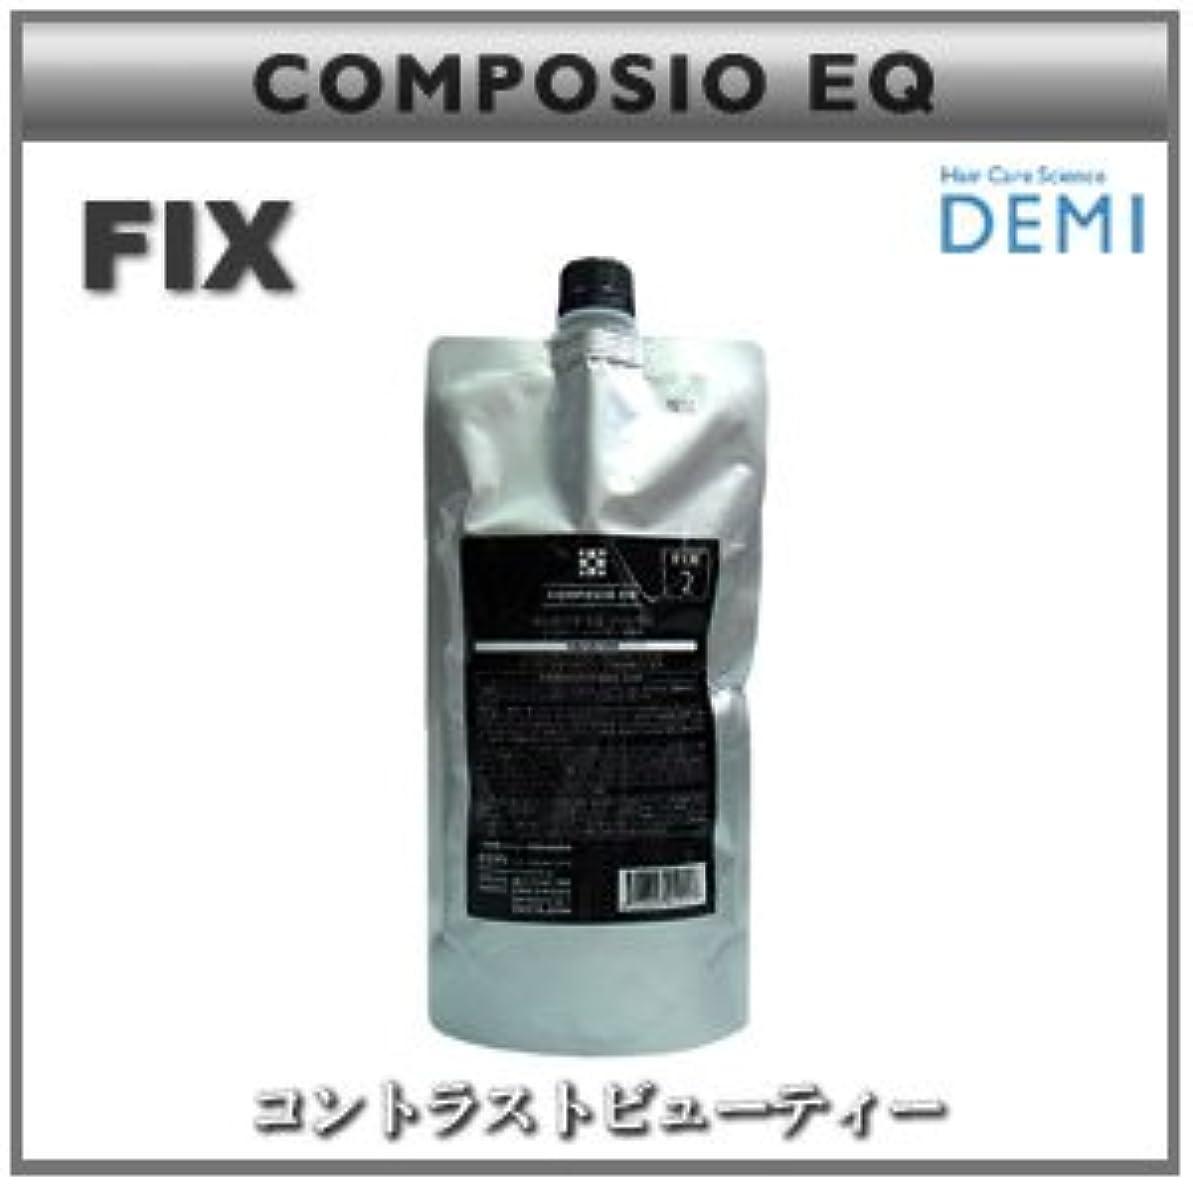 サイズ契約する一瞬【X4個セット】 デミ コンポジオ EQ フィックス 450g